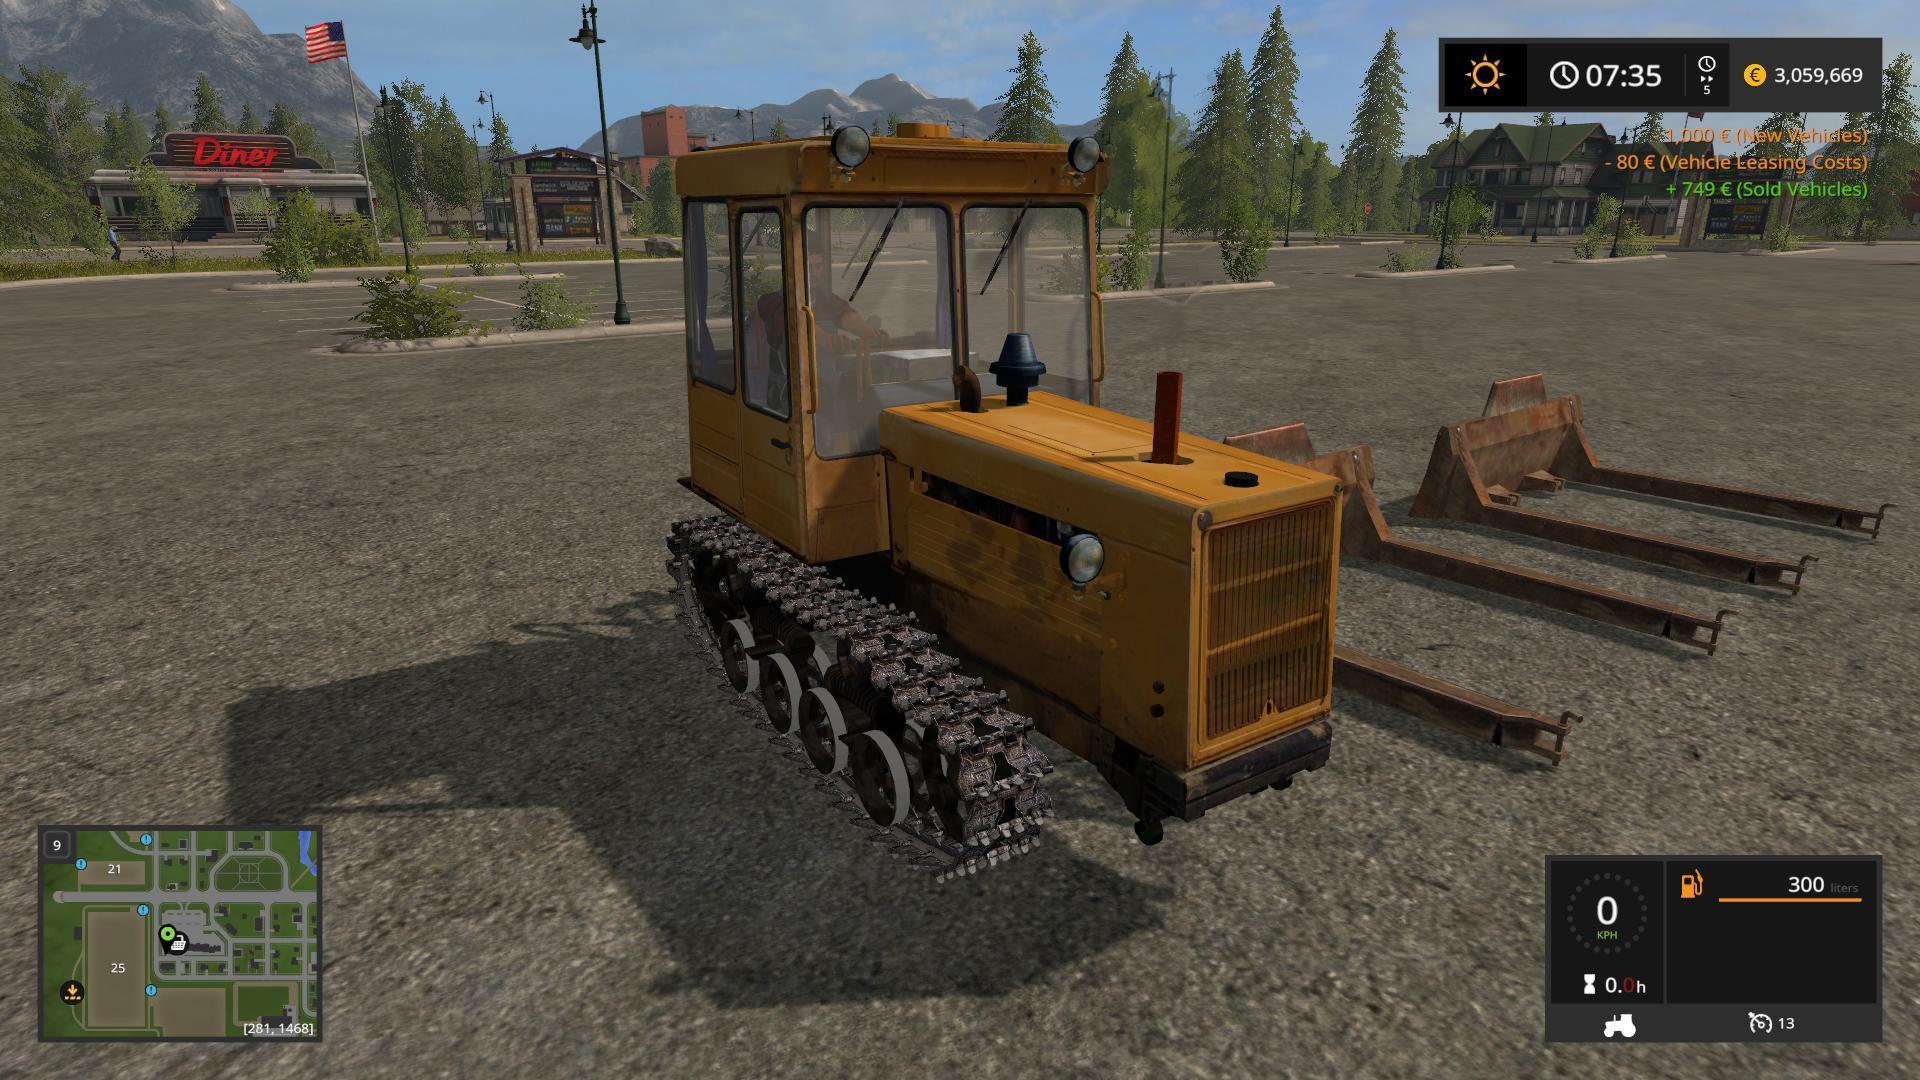 DT-75 ML Farming simulator 17 v1 0 - Modhub us